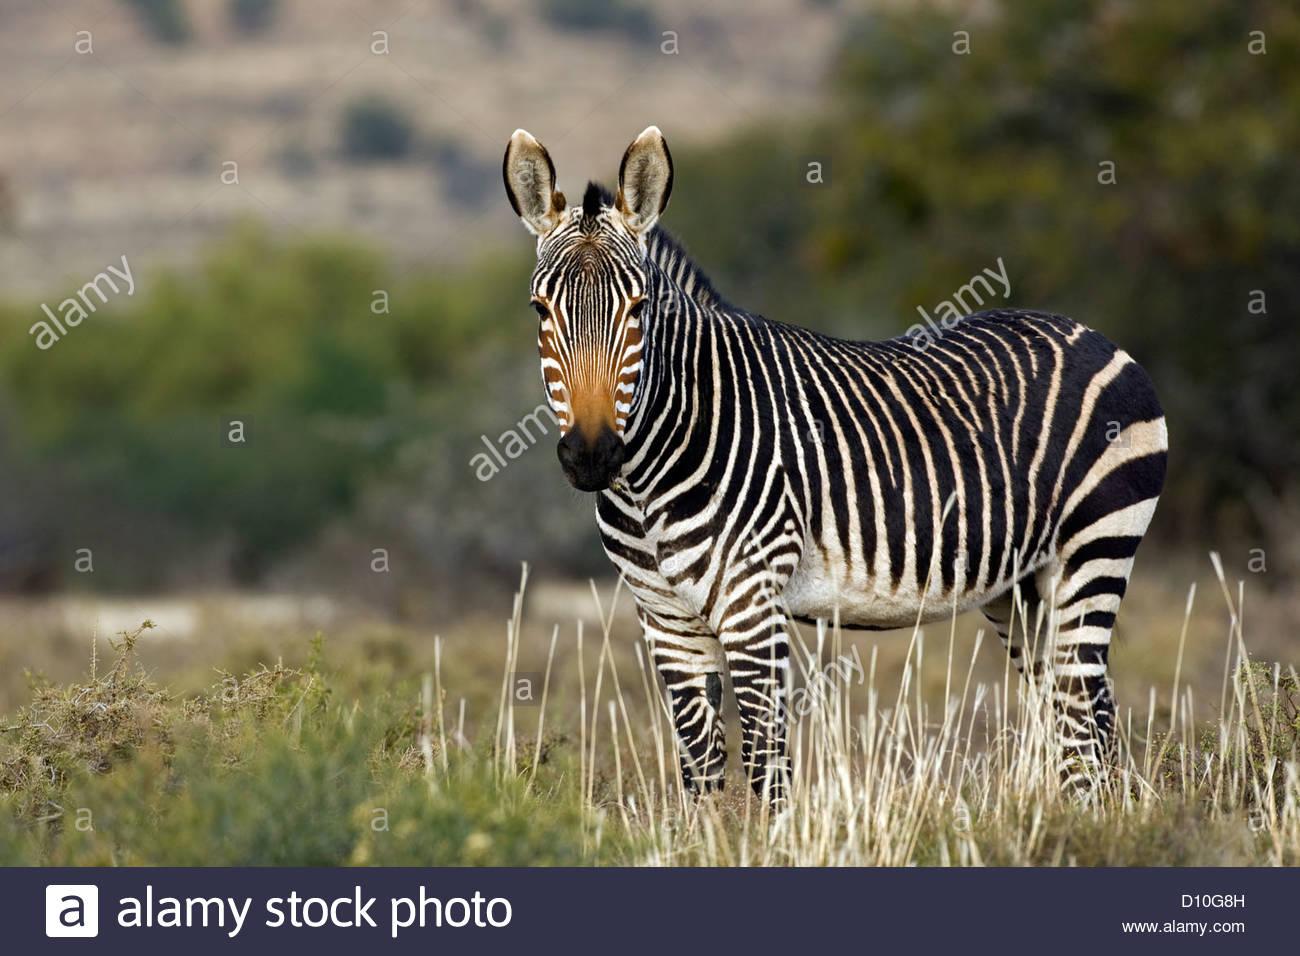 Cape mountain zebra (Equus zebra zebra), Bergkwagga Nasionale Park / Mountain Zebra National Park, South Africa Stock Photo